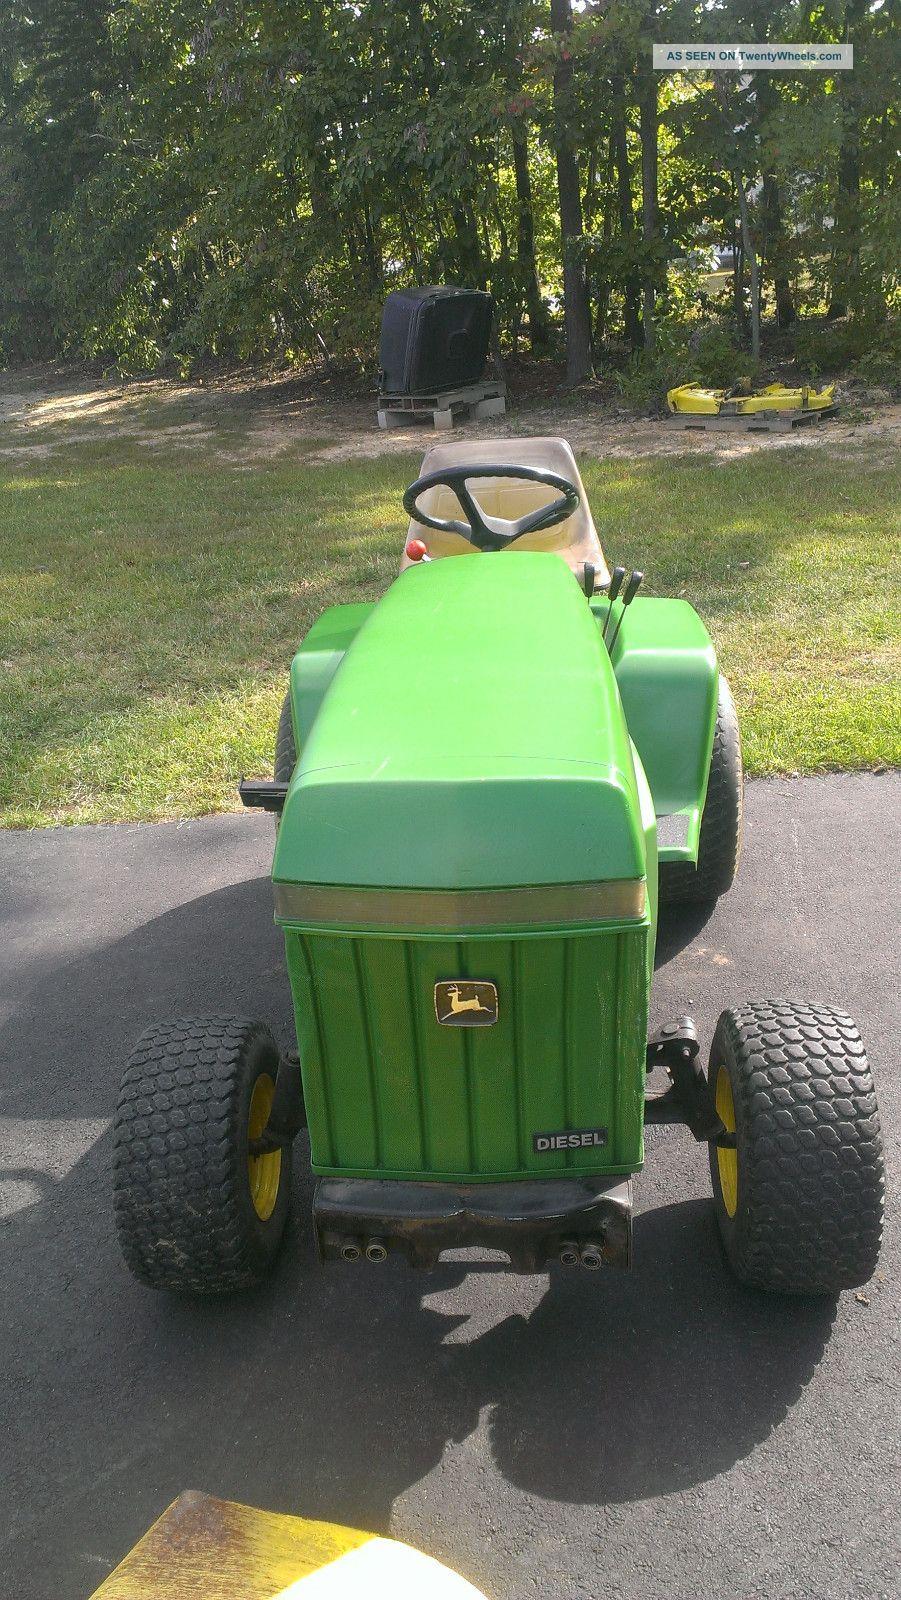 John Deere Diesel Lawn And Garden Tractor W In Mid Mount Mower Deck Lgw